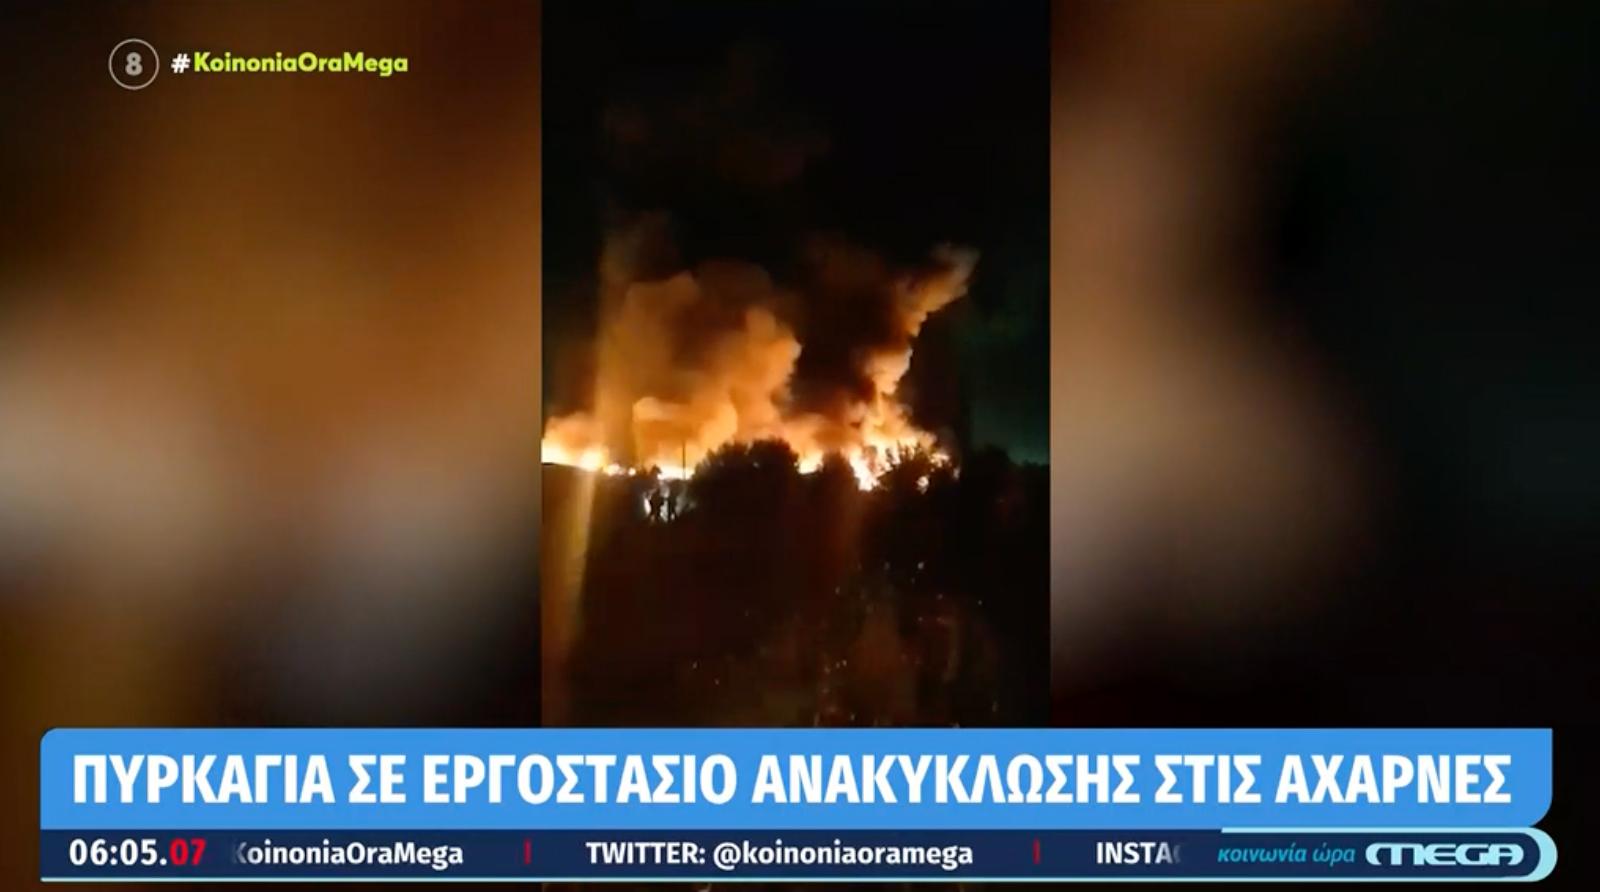 Φωτιά σε εργοστάσιο στις Αχαρνές: Τέθηκε υπό έλεγχο, σκέφτηκαν να στείλουν 112